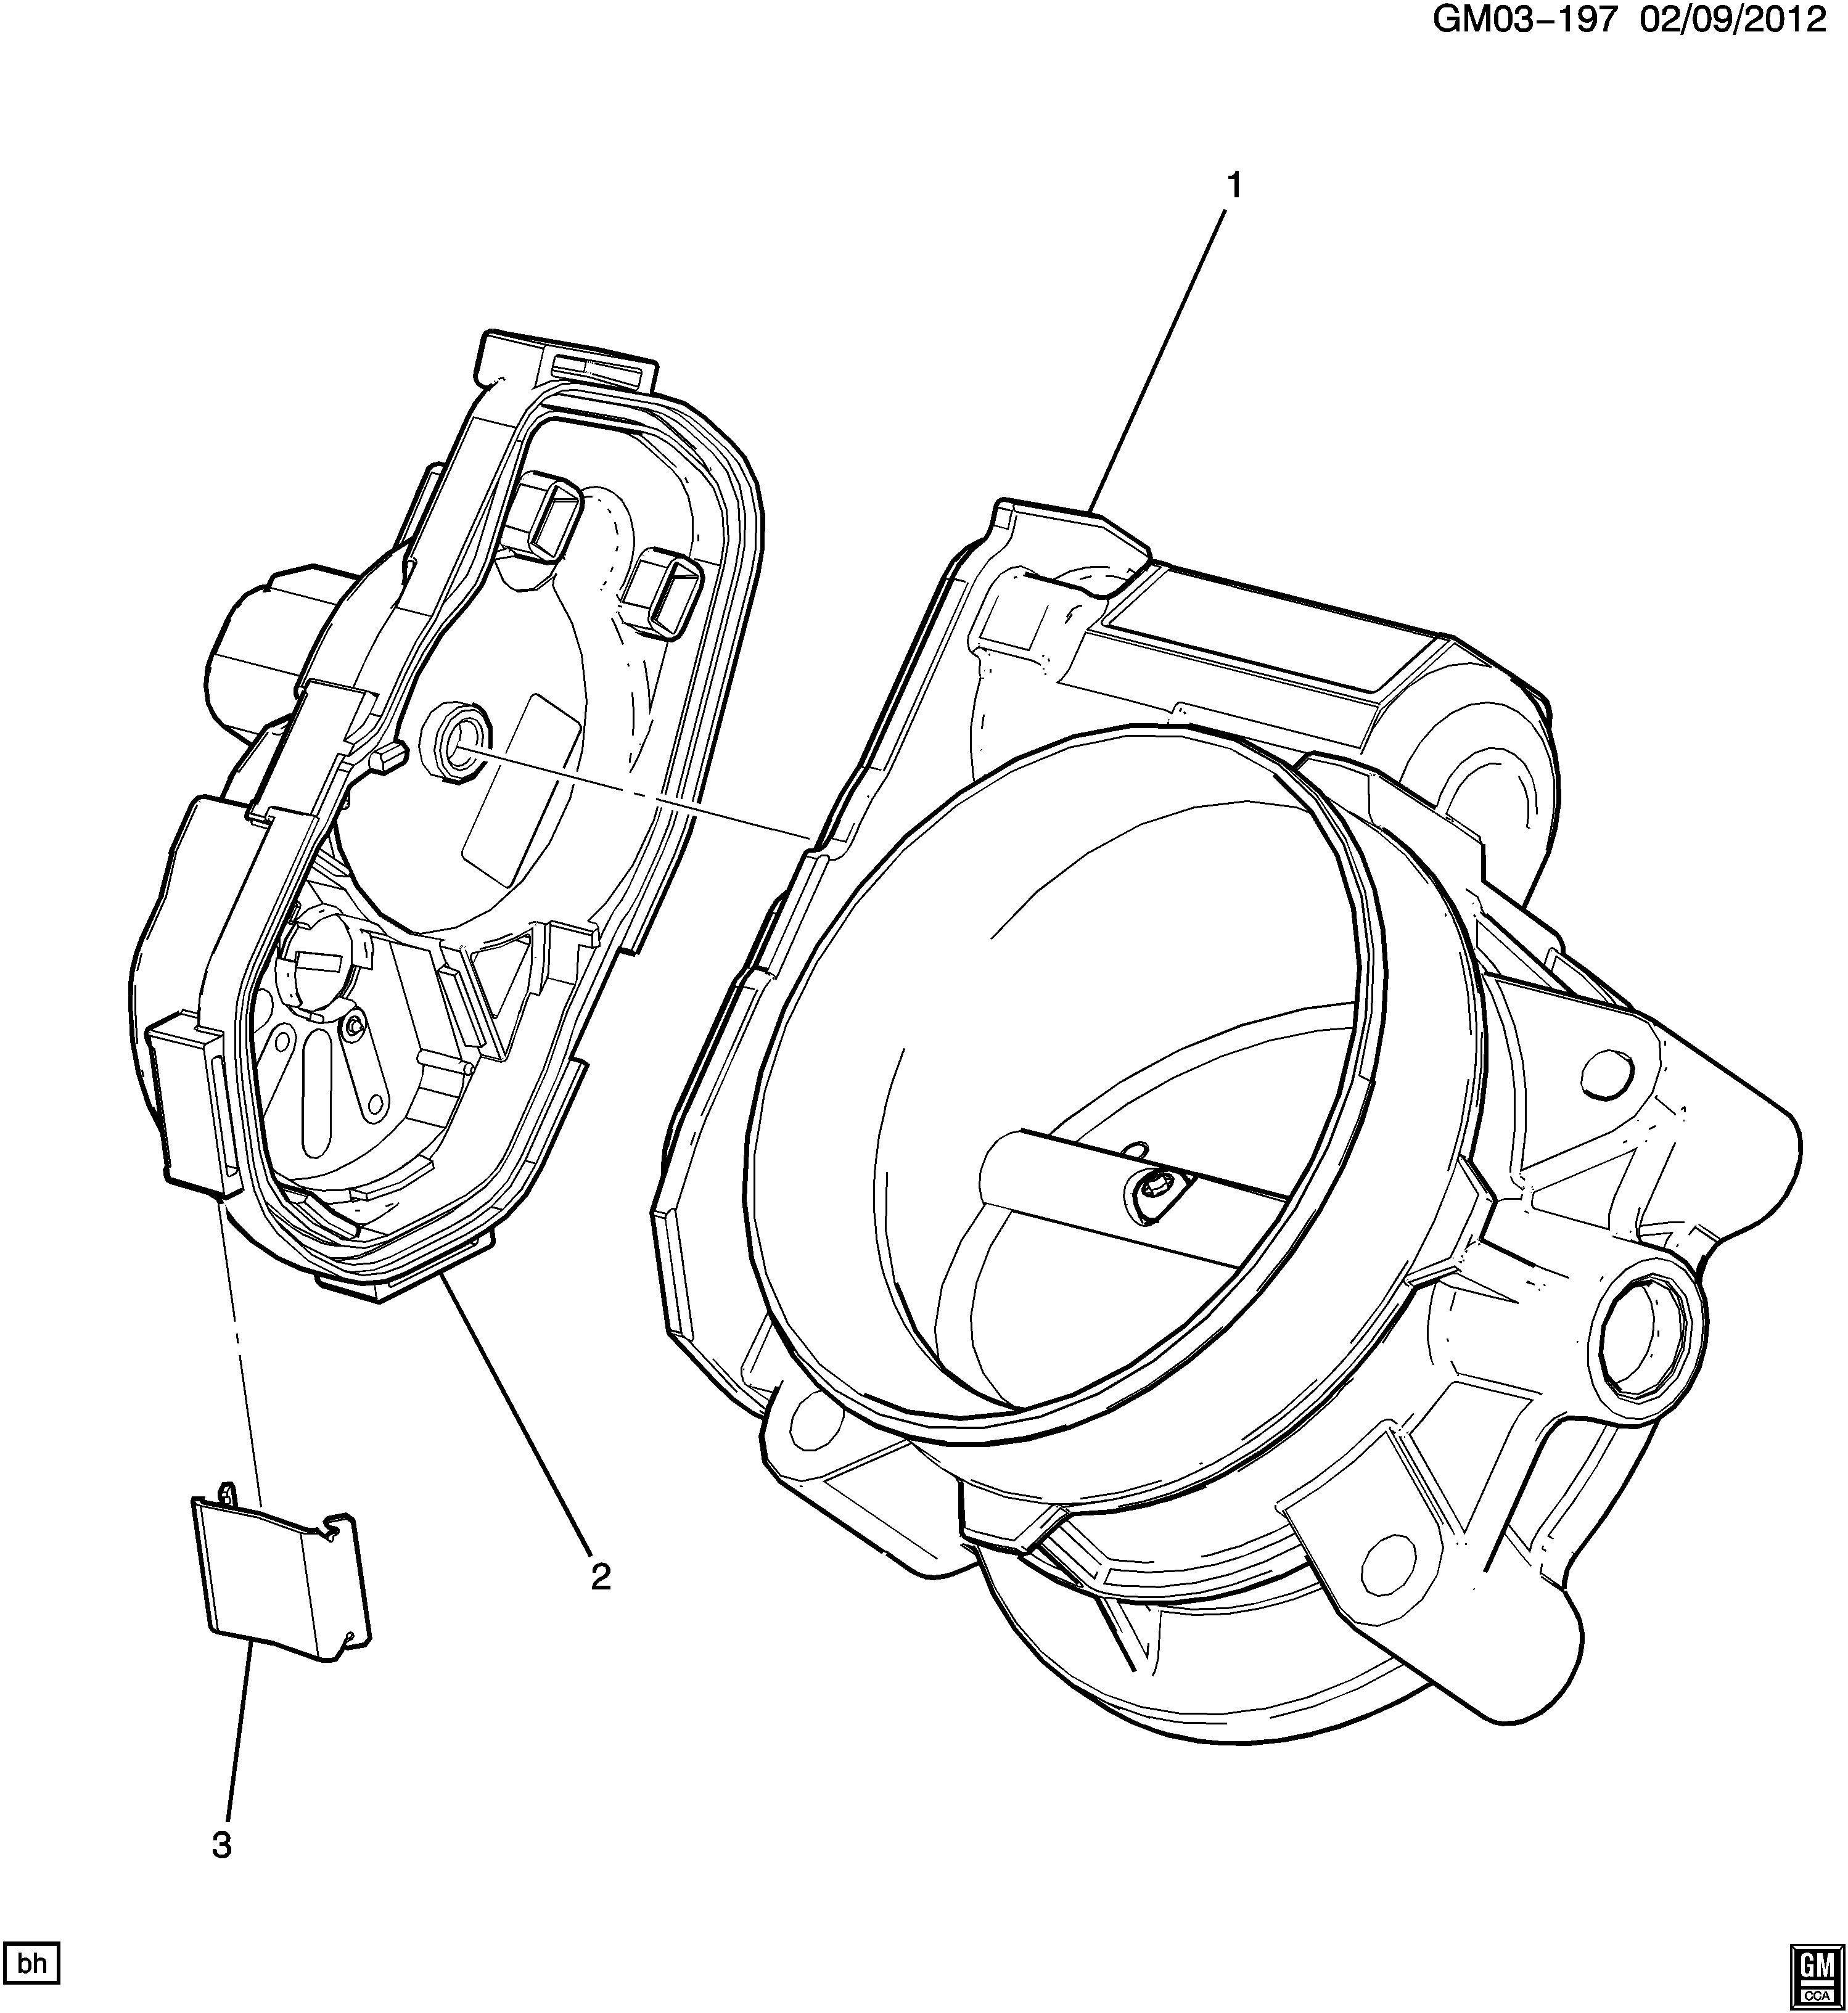 Chevrolet Silverado Body Fuel Injection Air Meter